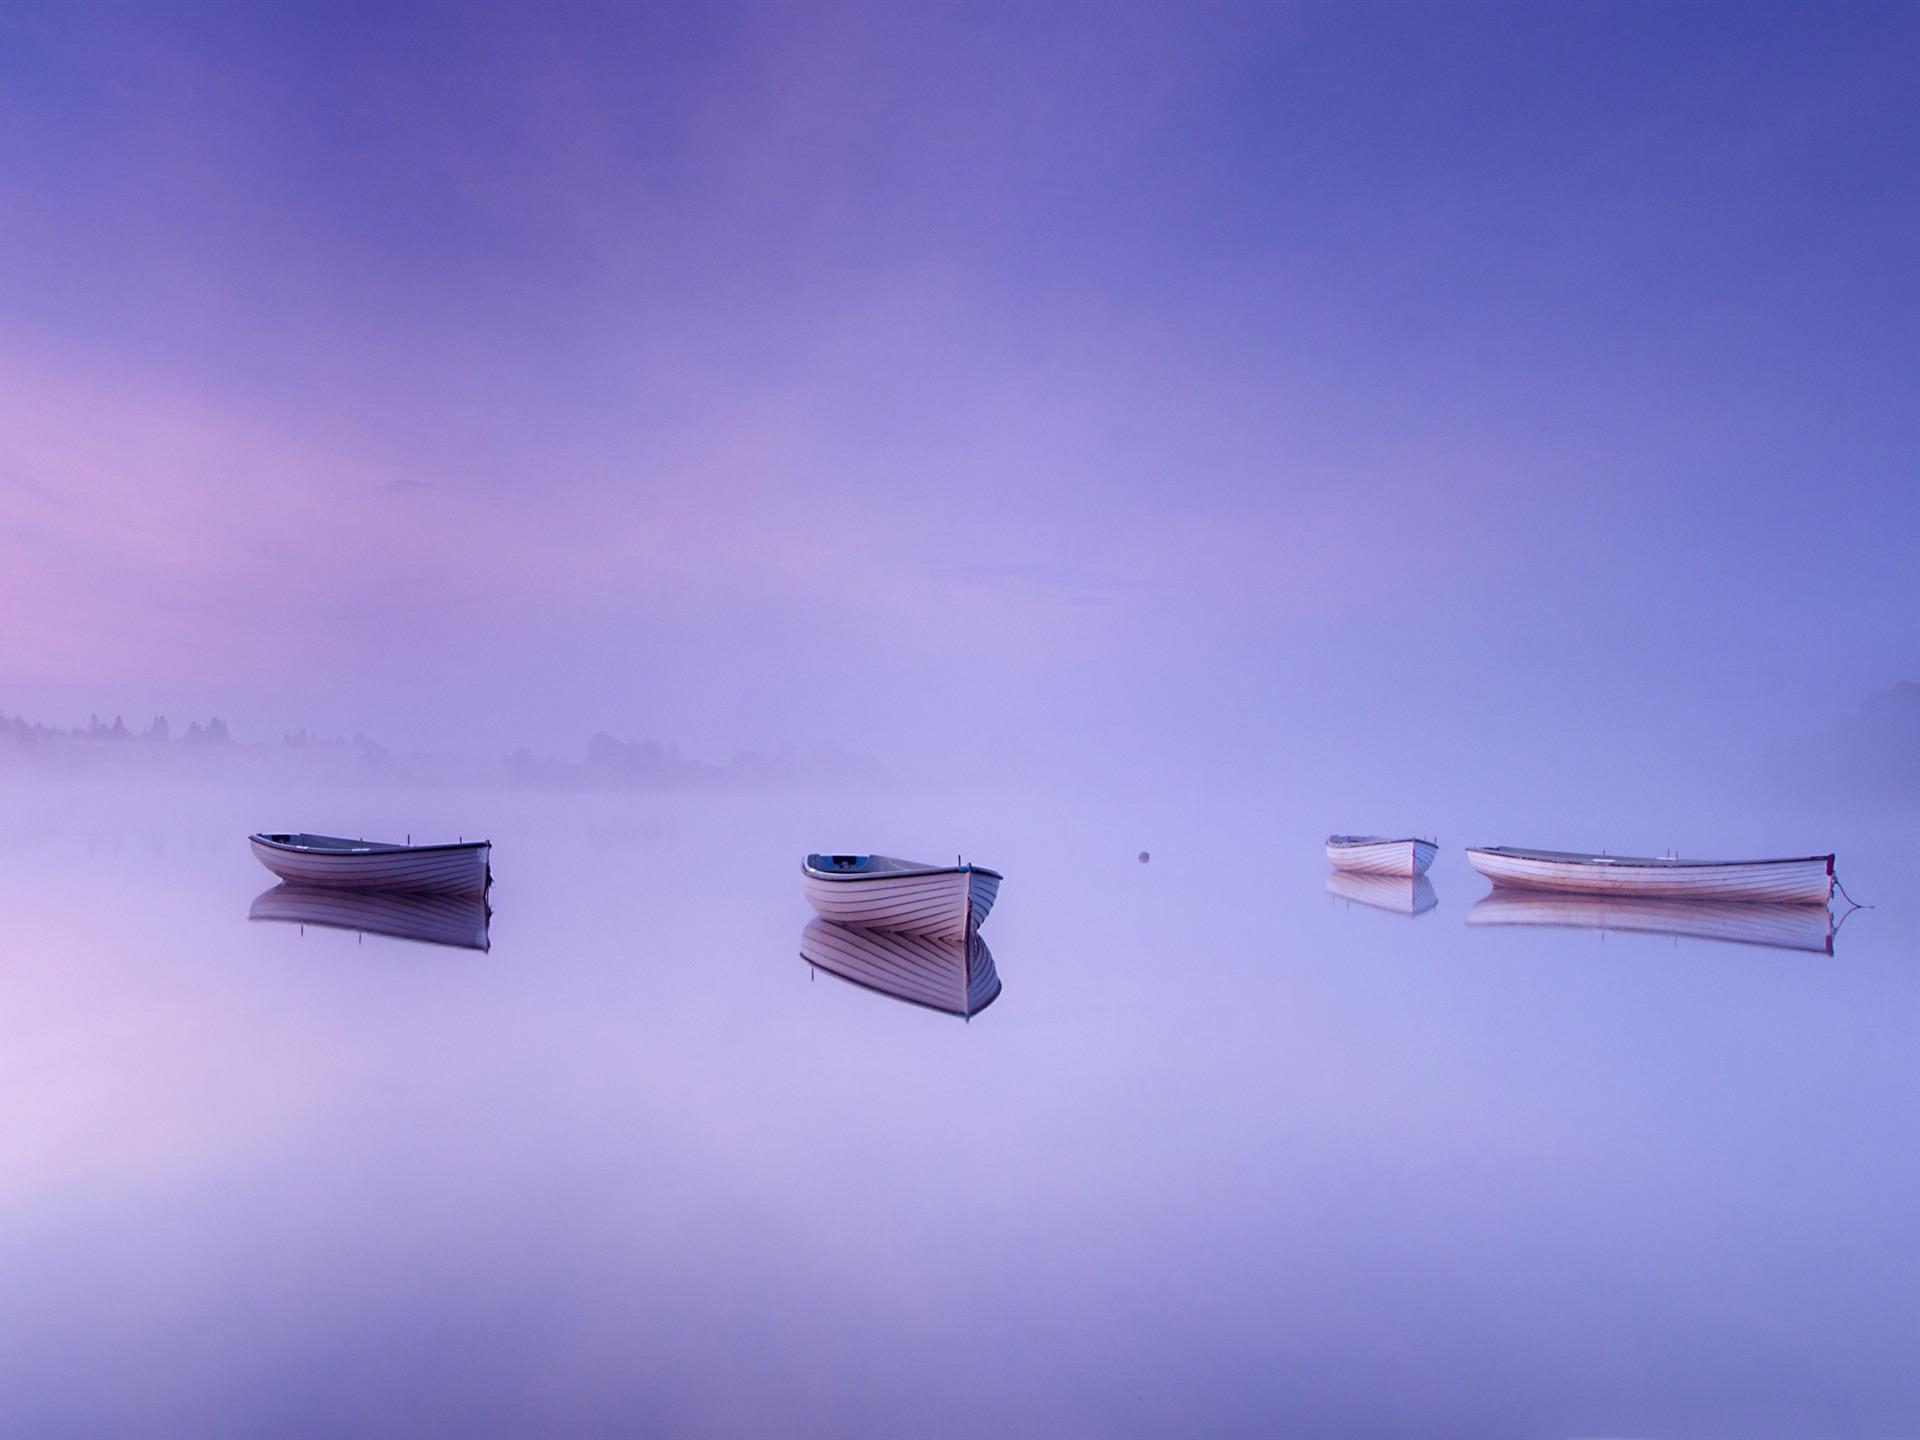 印象的なボートスコットランドアウトドア静か 自然高品質の壁紙プレビュー 10wallpaper Com